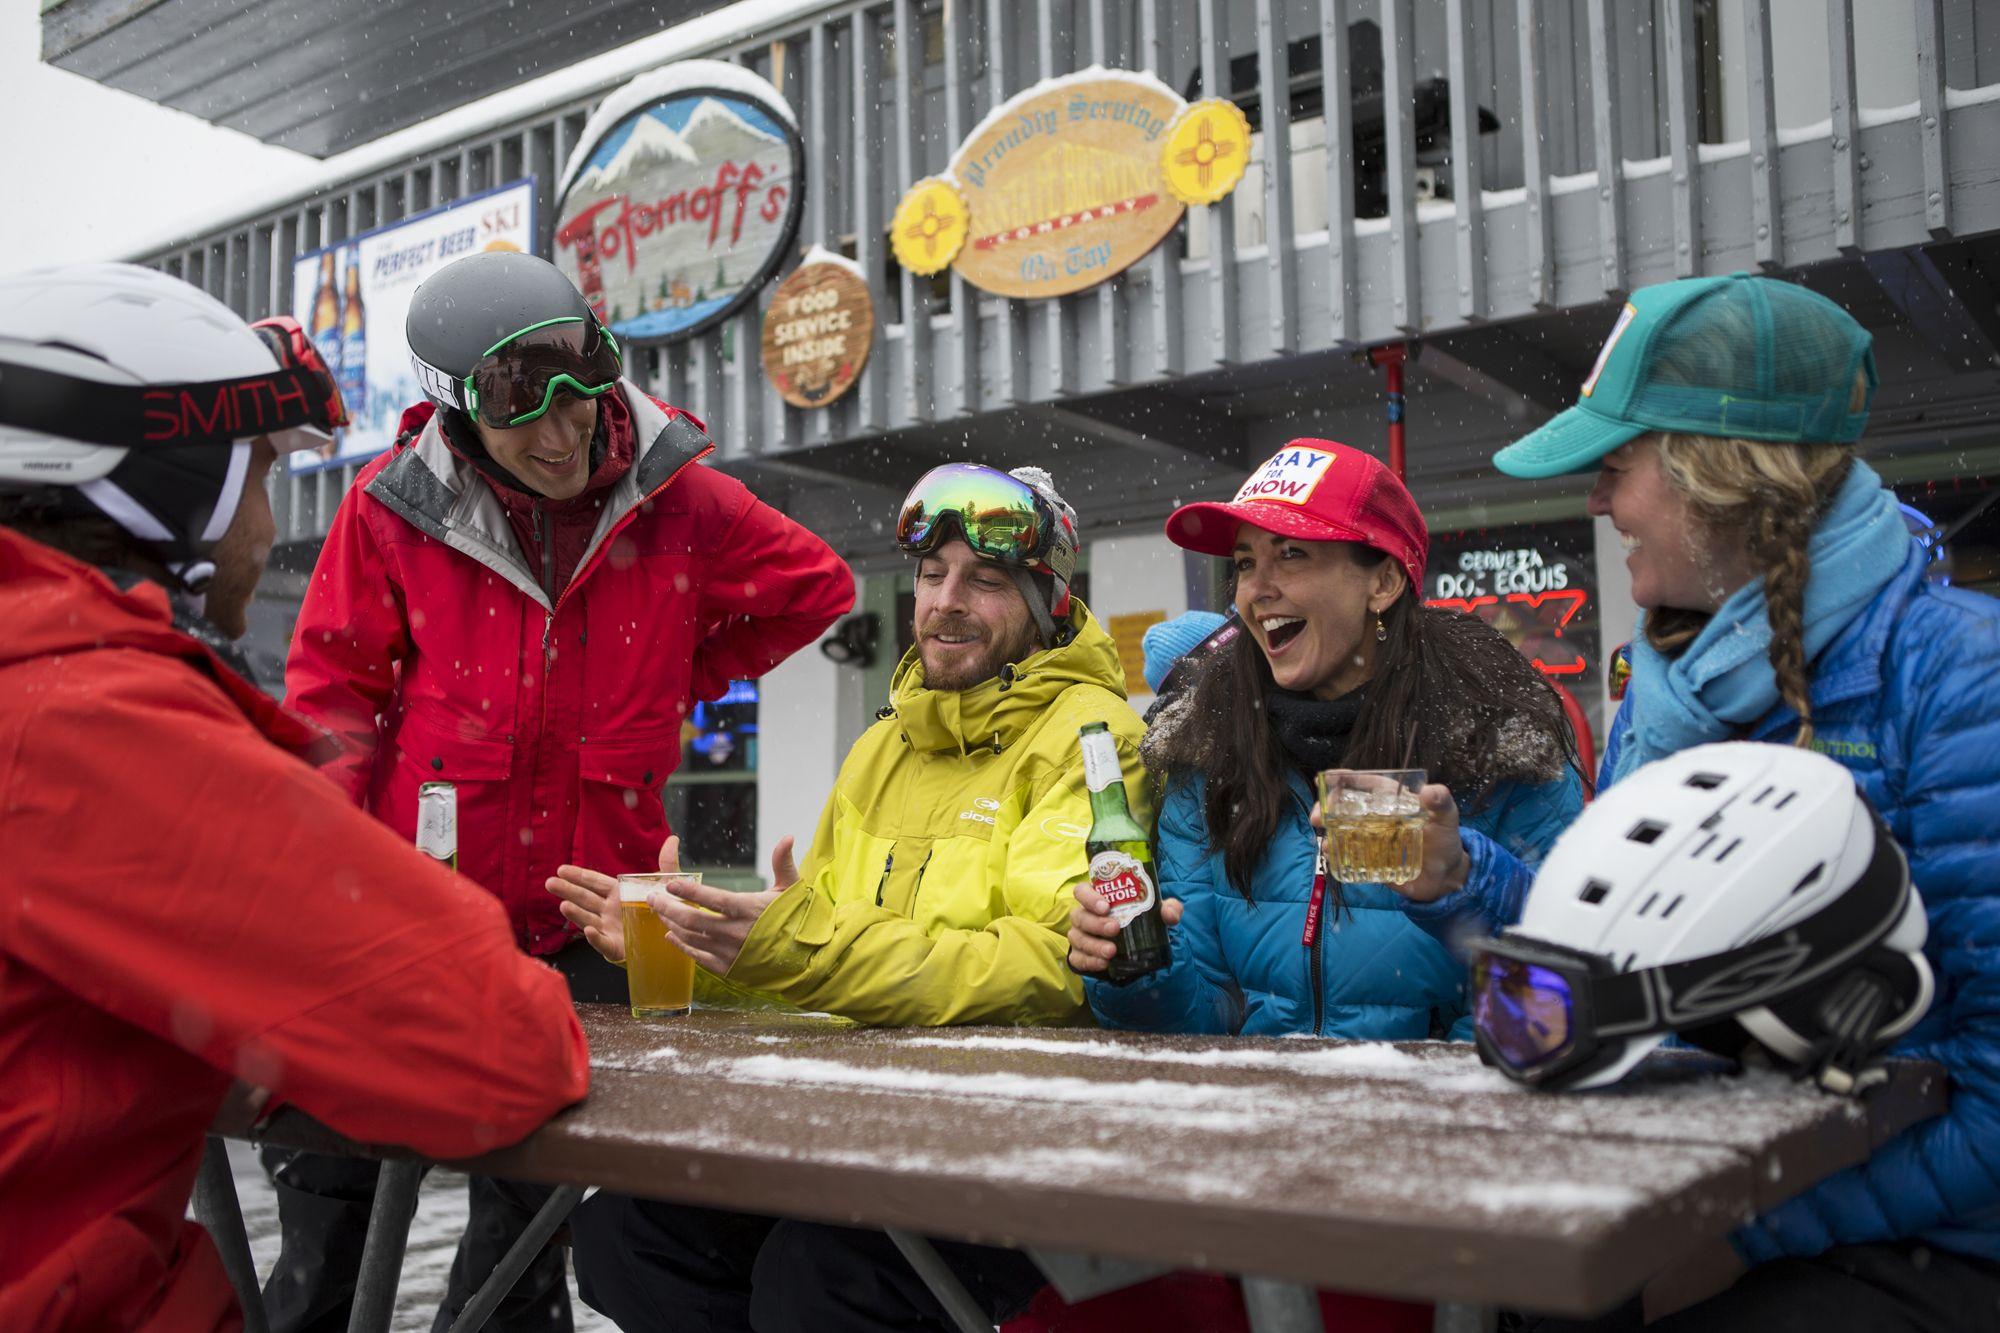 Santa Fe apres ski scene